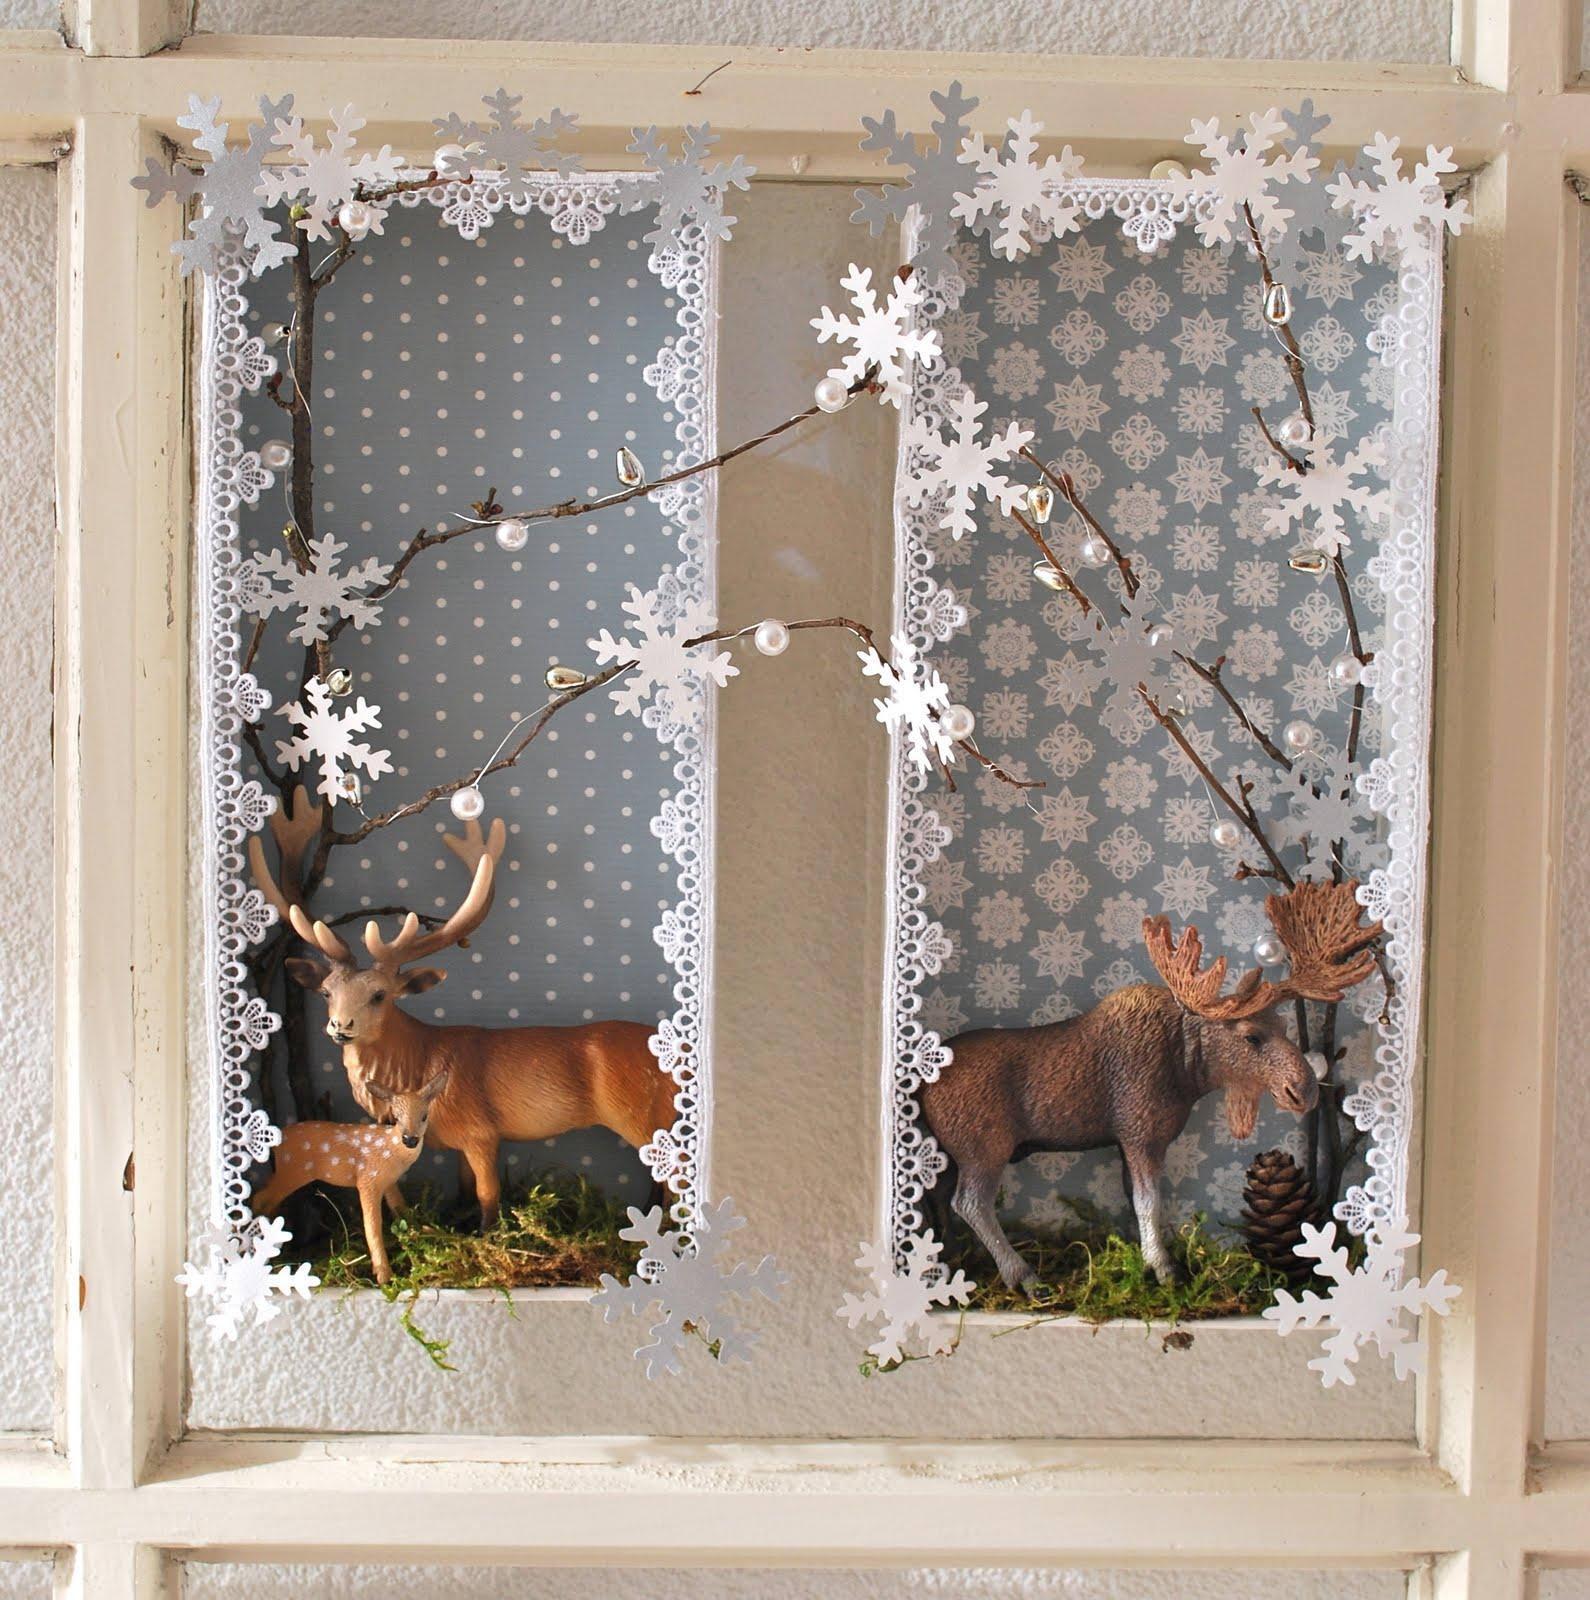 Lustige Bilder Zum 1 Advent - advent pixelio Deine kostenlose Bilddatenbank für